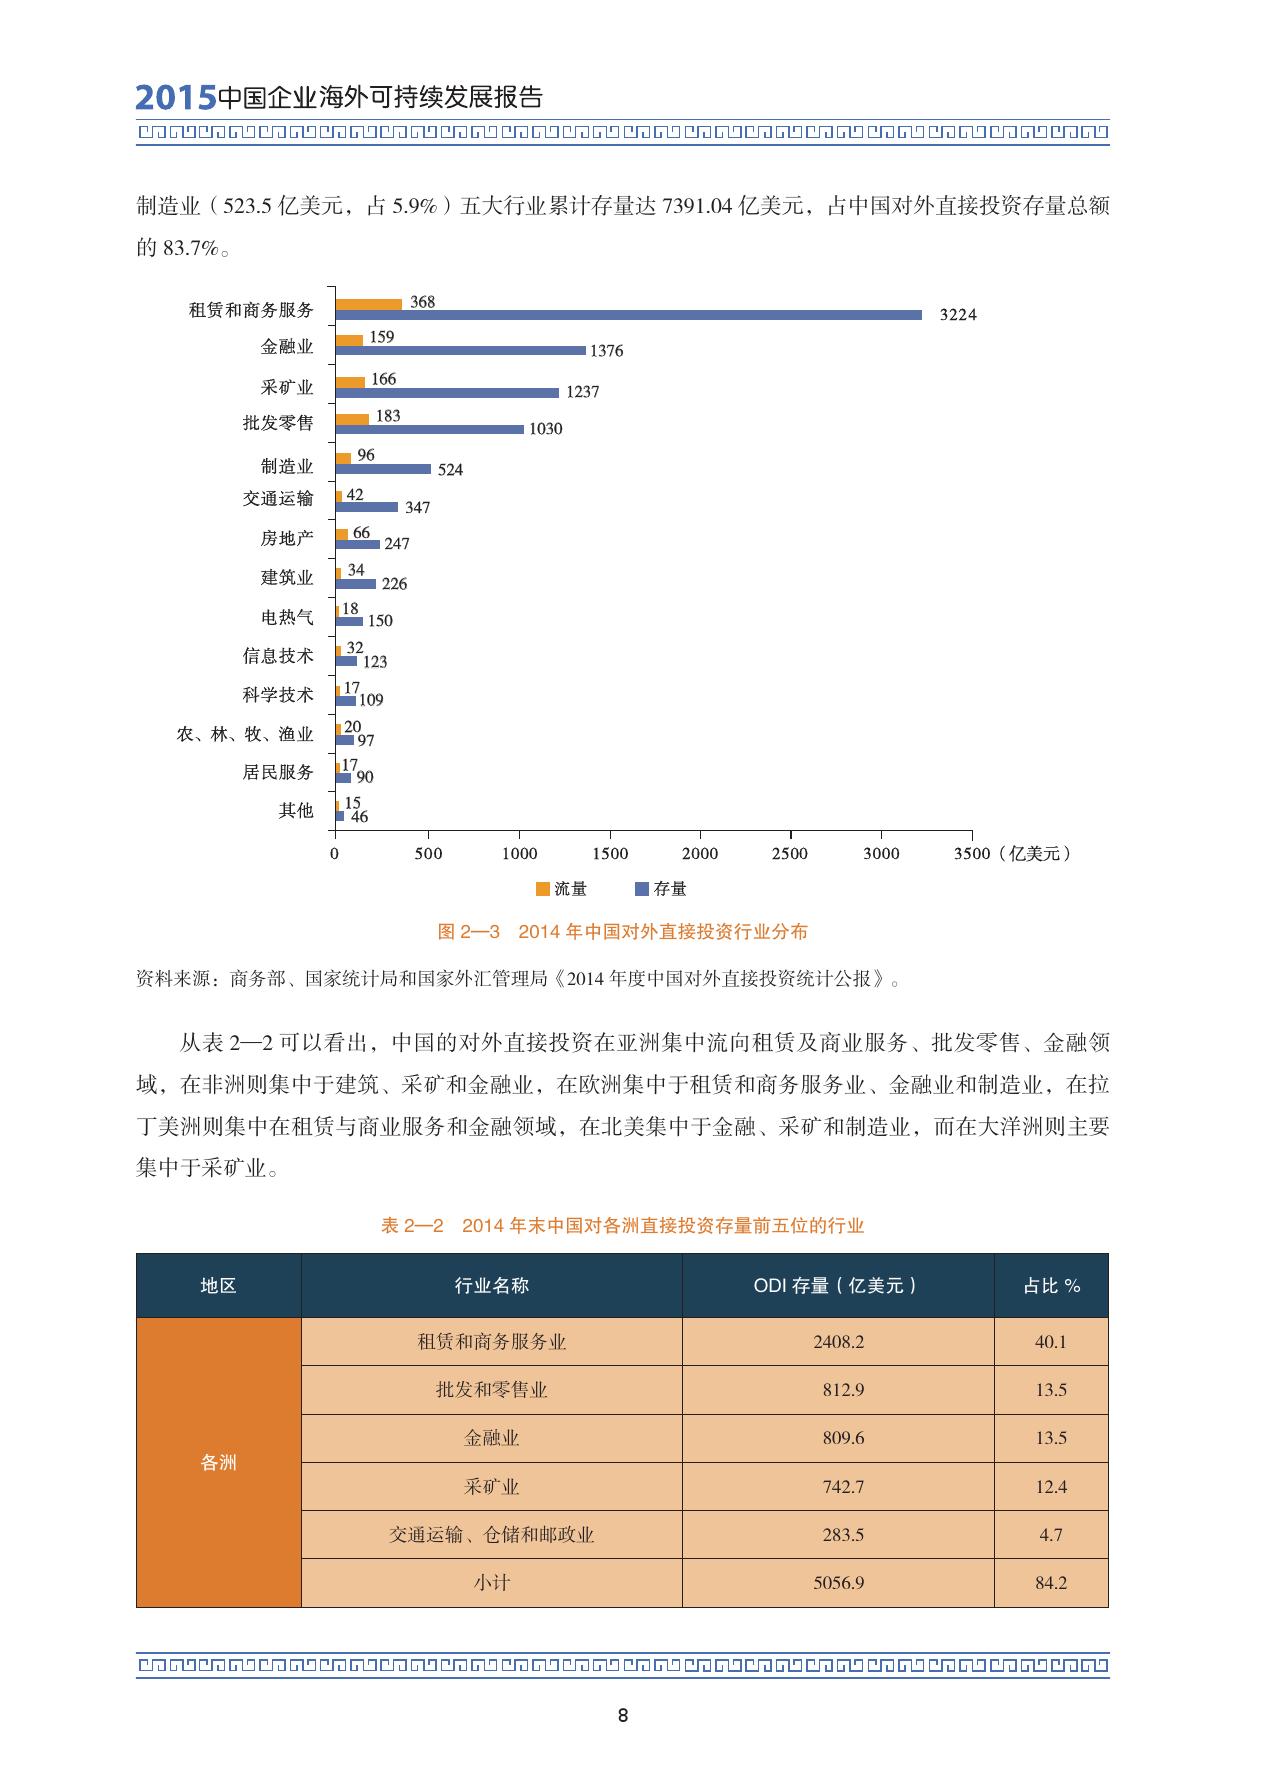 2015中国企业海外可持续发展报告_000022